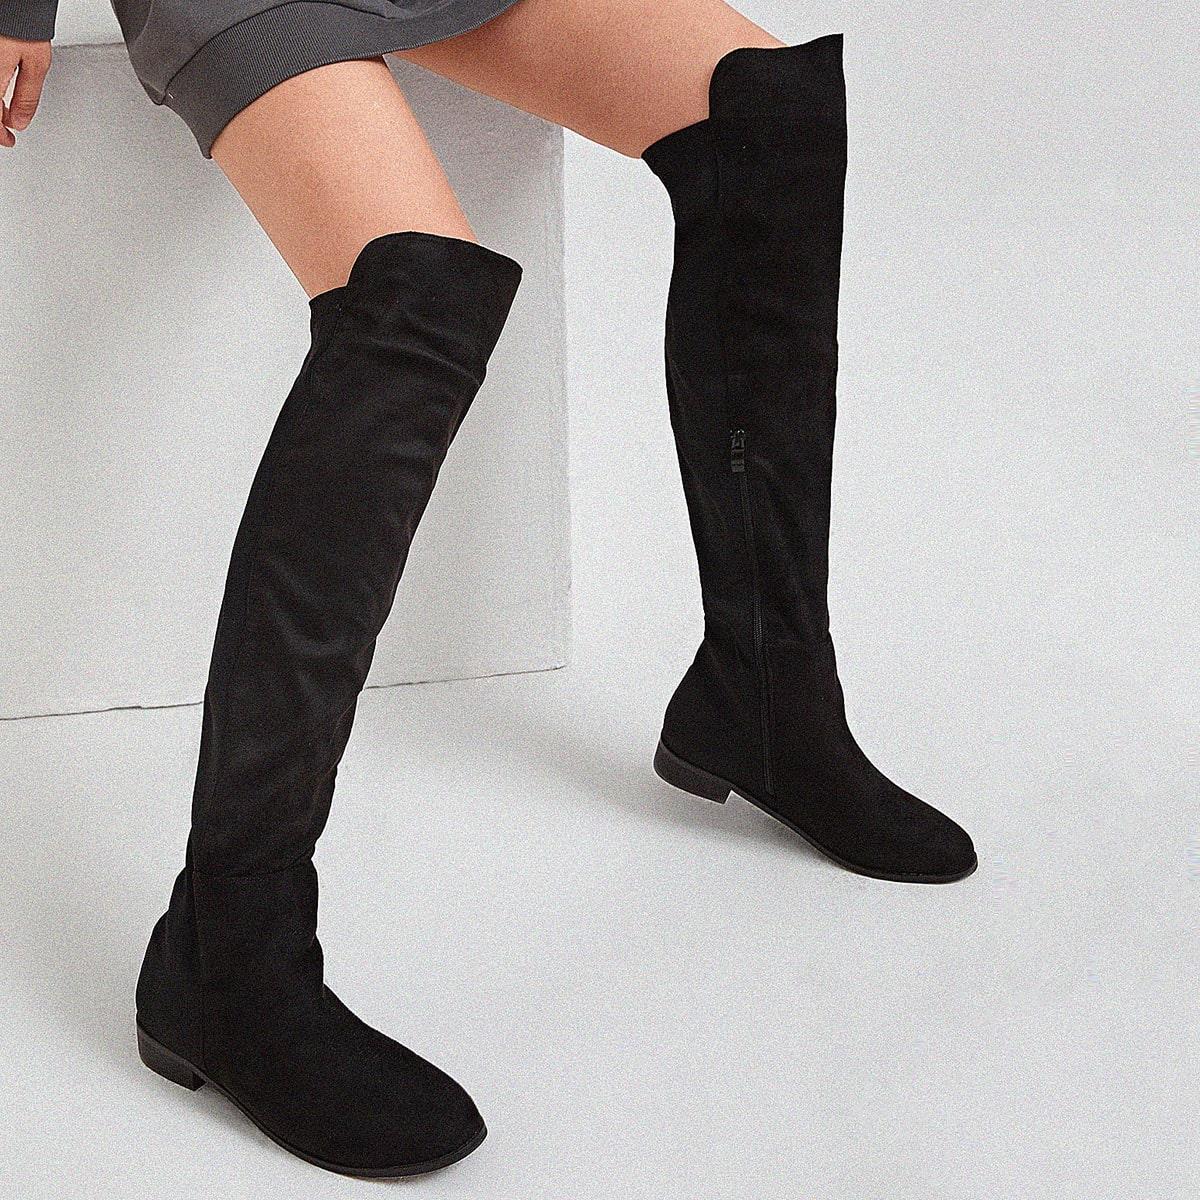 SHEIN / Minimalistische Socken-Stiefel